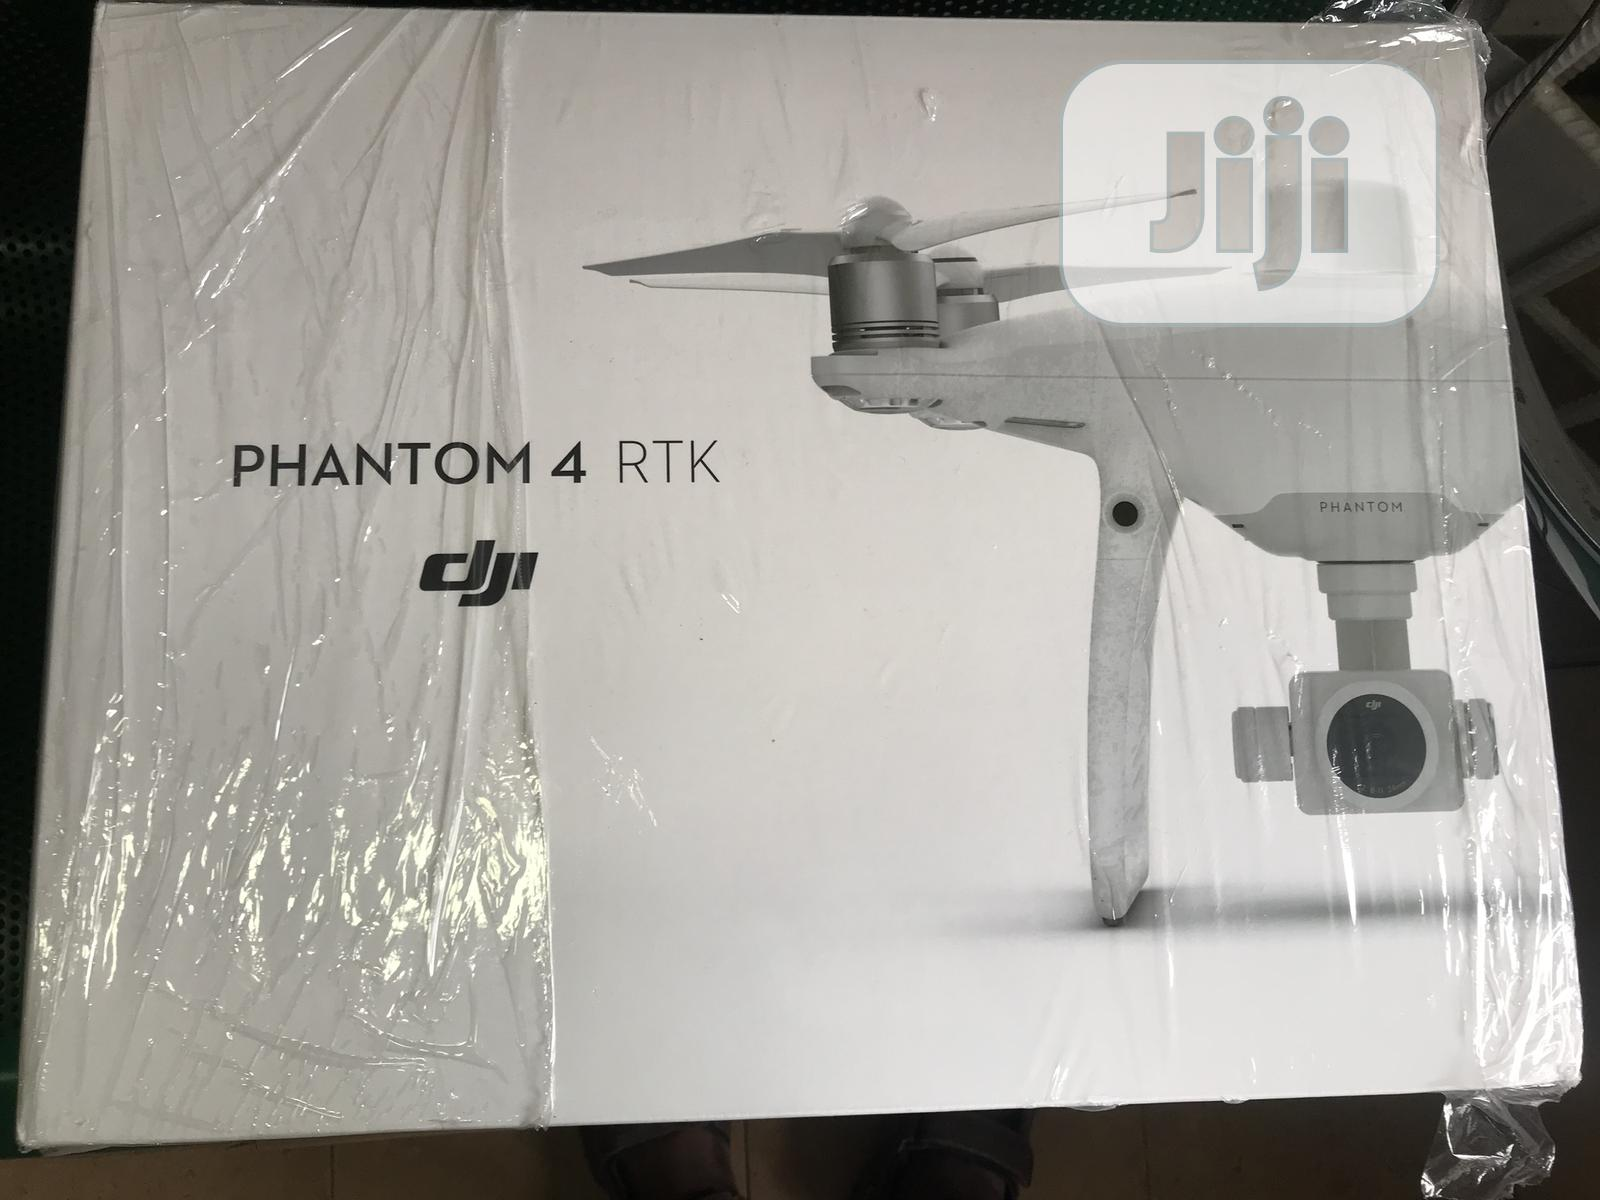 DJI Phantom 4 RTK Combo